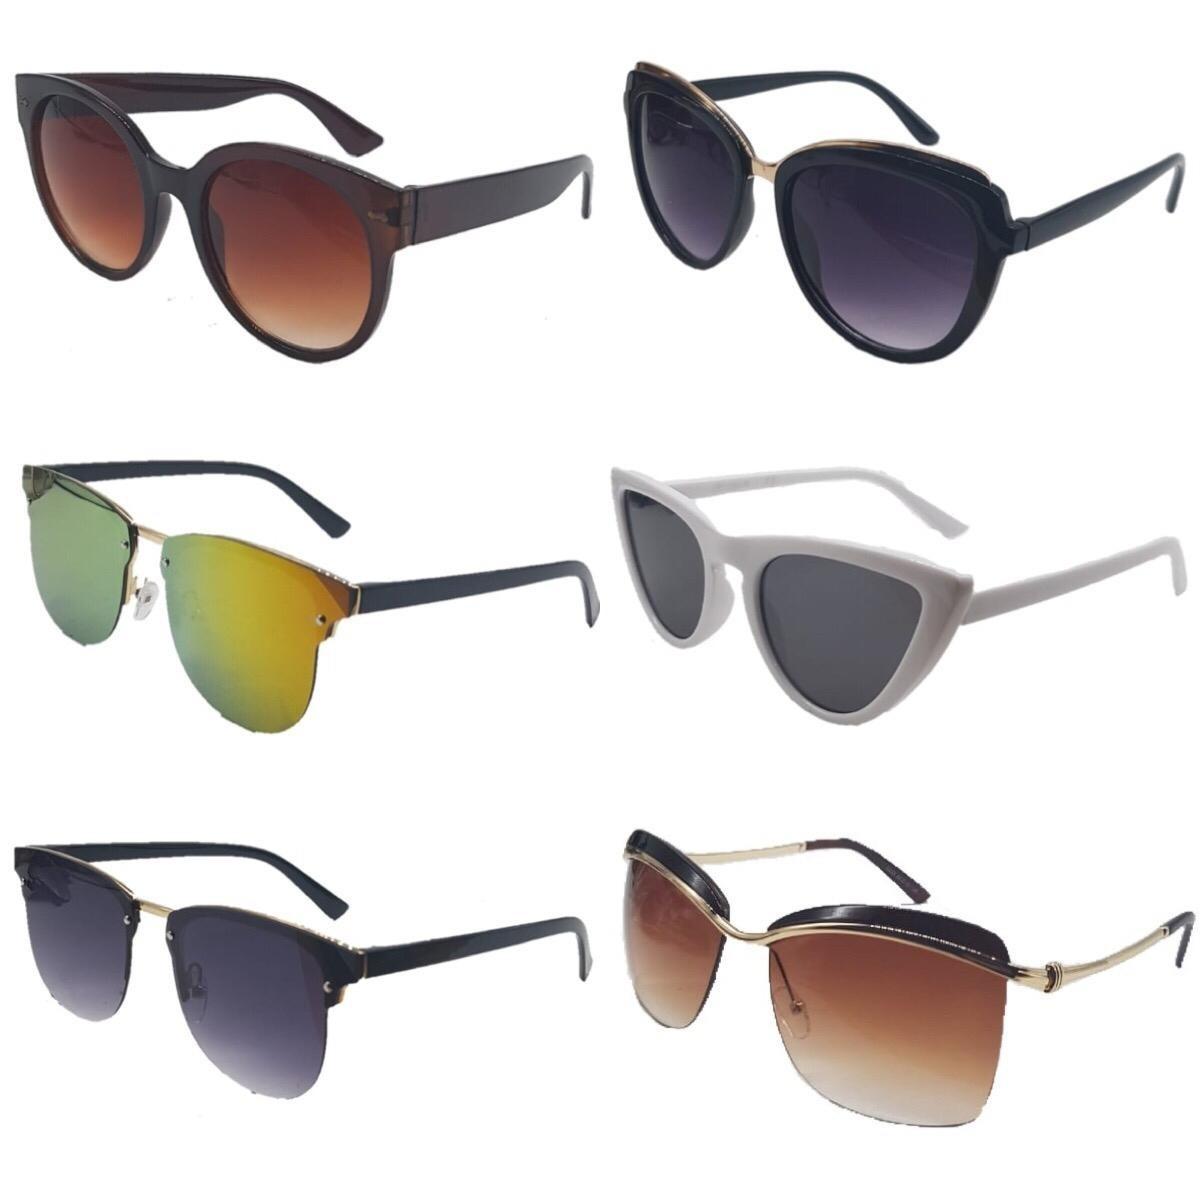 269e16cd7ba9a Kit 05 Óculos De Sol Feminino Flanela Caixinha Atacado - R  139,00 em  Mercado Livre